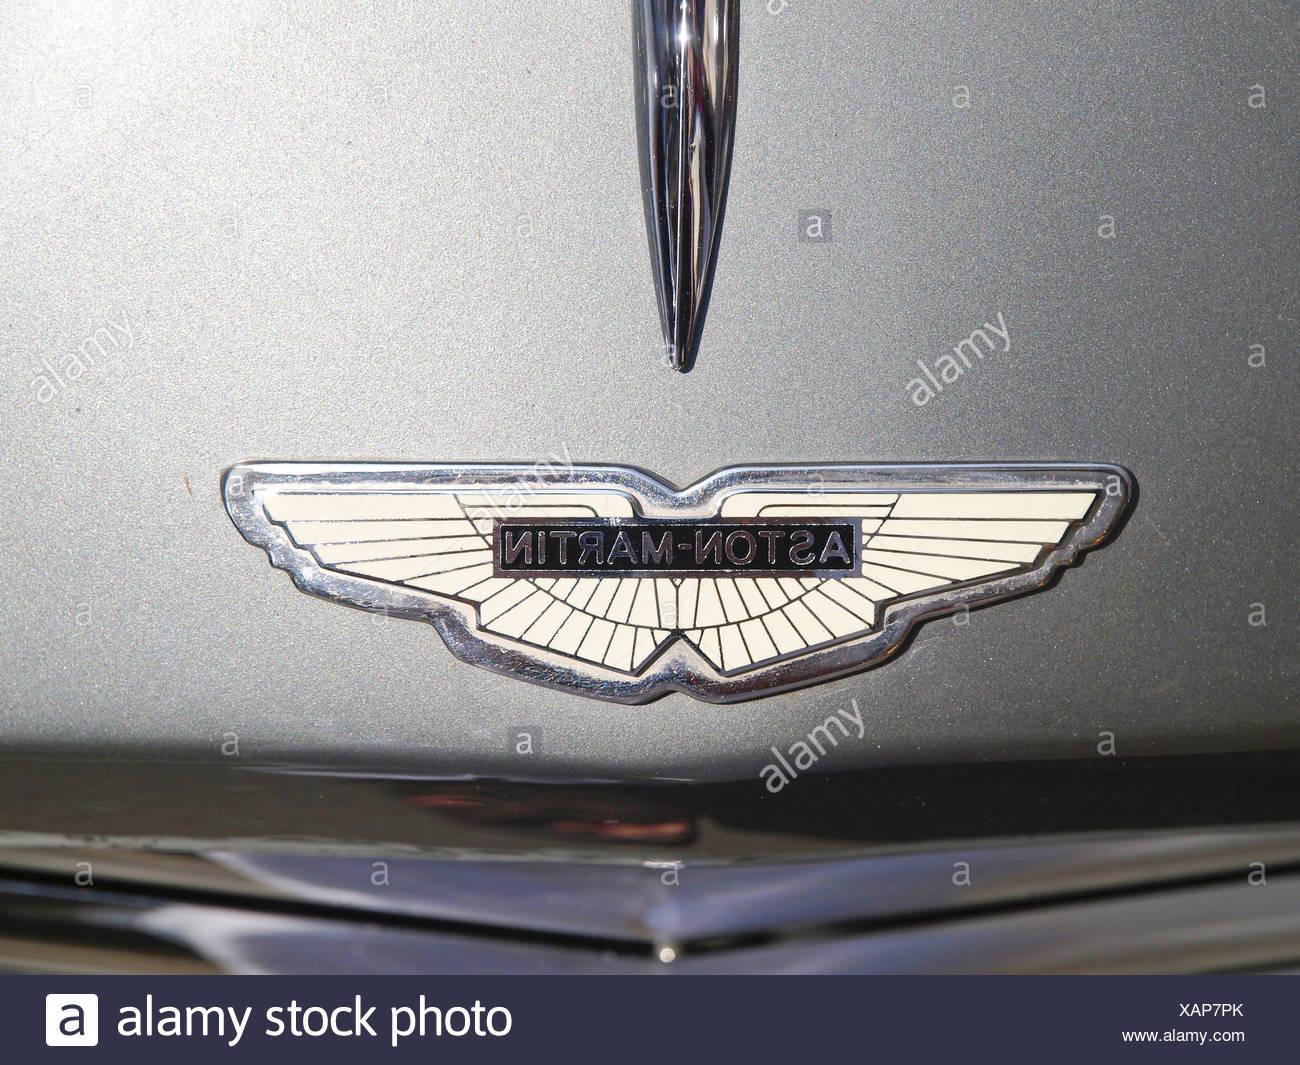 Aston Martin, Italy, Lombardia, Brescia - Stock Image